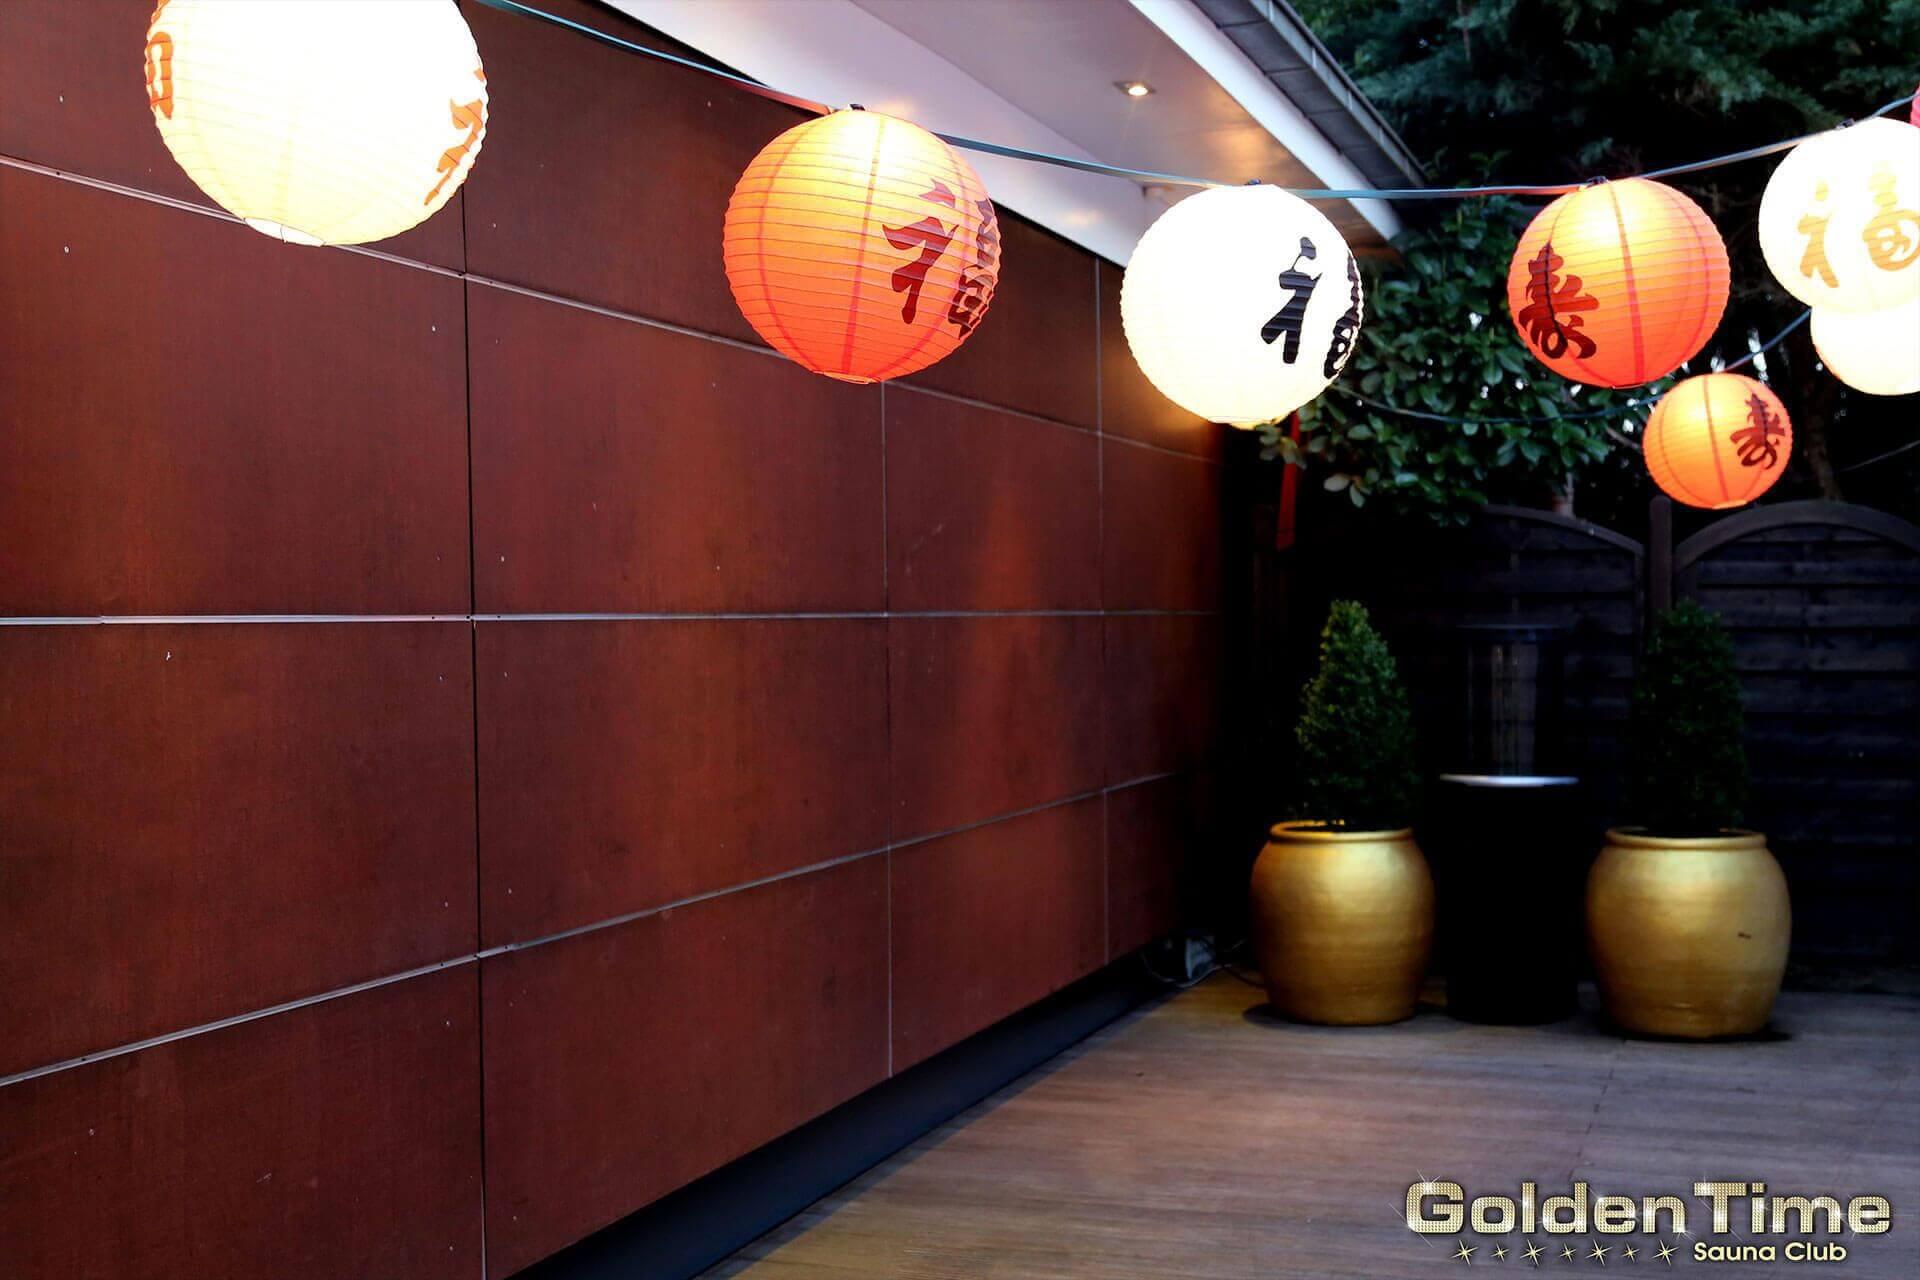 01-china-new-year-pic-25-goldentime-saunaclub.jpg